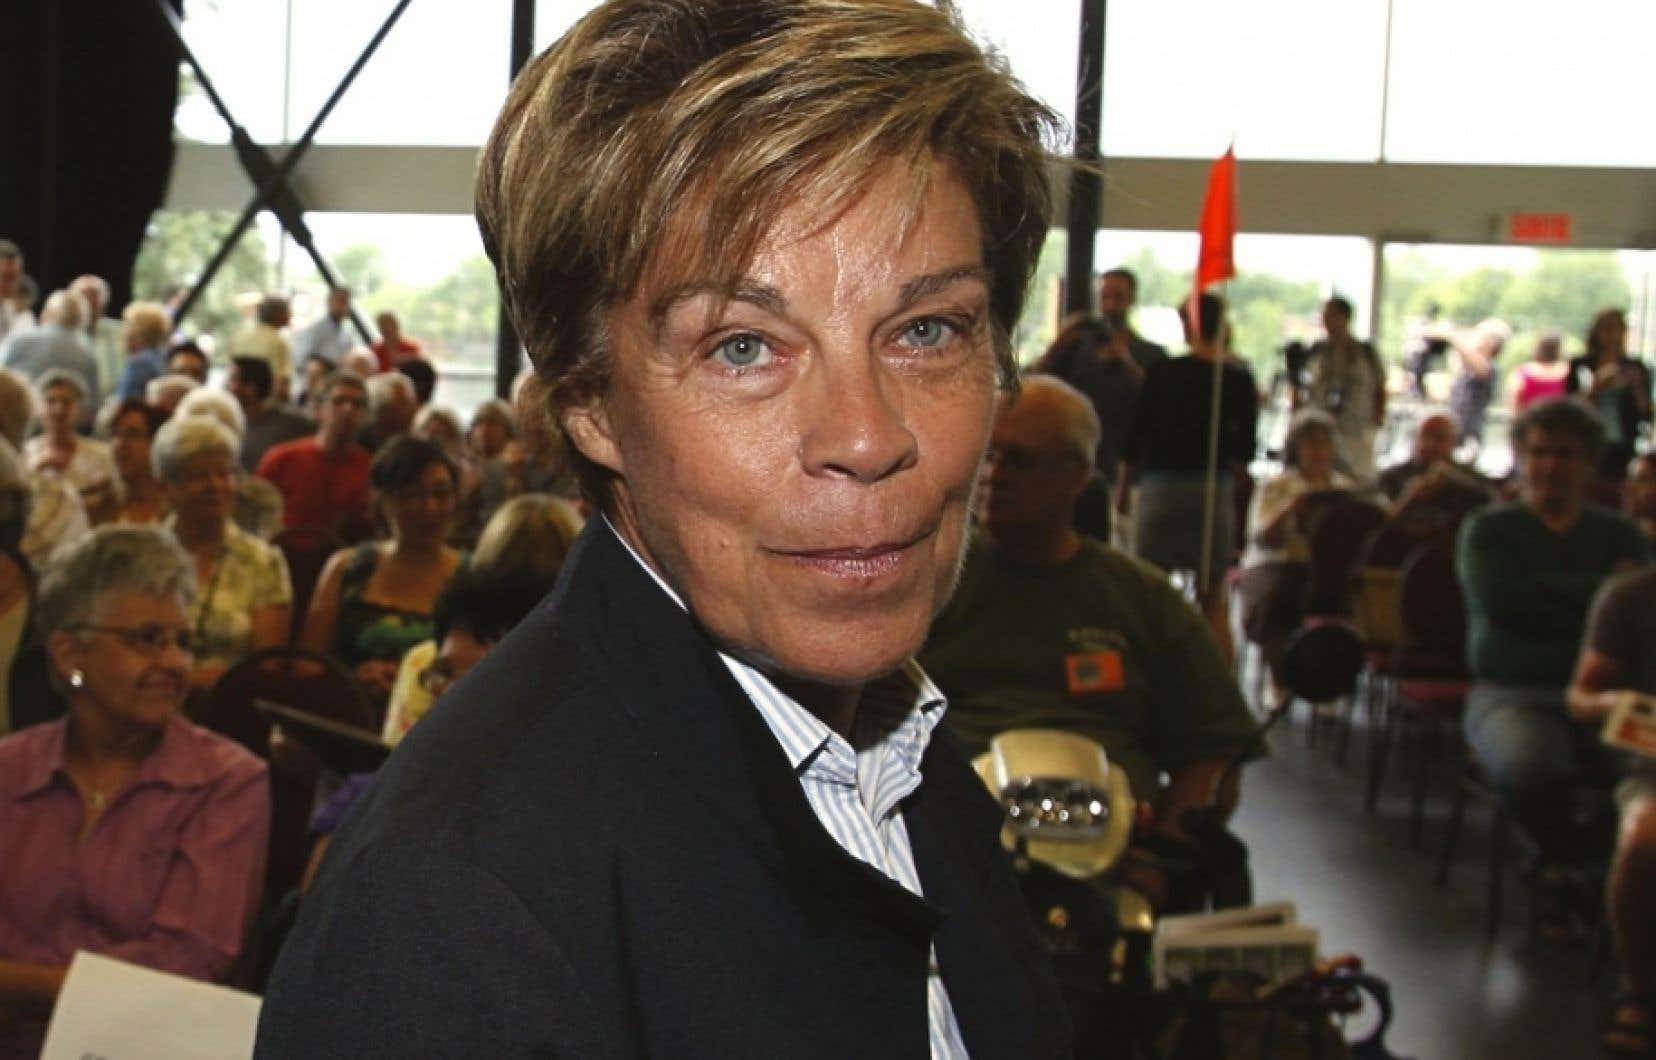 Louise Beaudoin, qui a été députée pendant 12 ans et ministre pendant huit ans, est catégorique: jamais on ne lui a offert d'enveloppes durant sa carrière de politicienne.